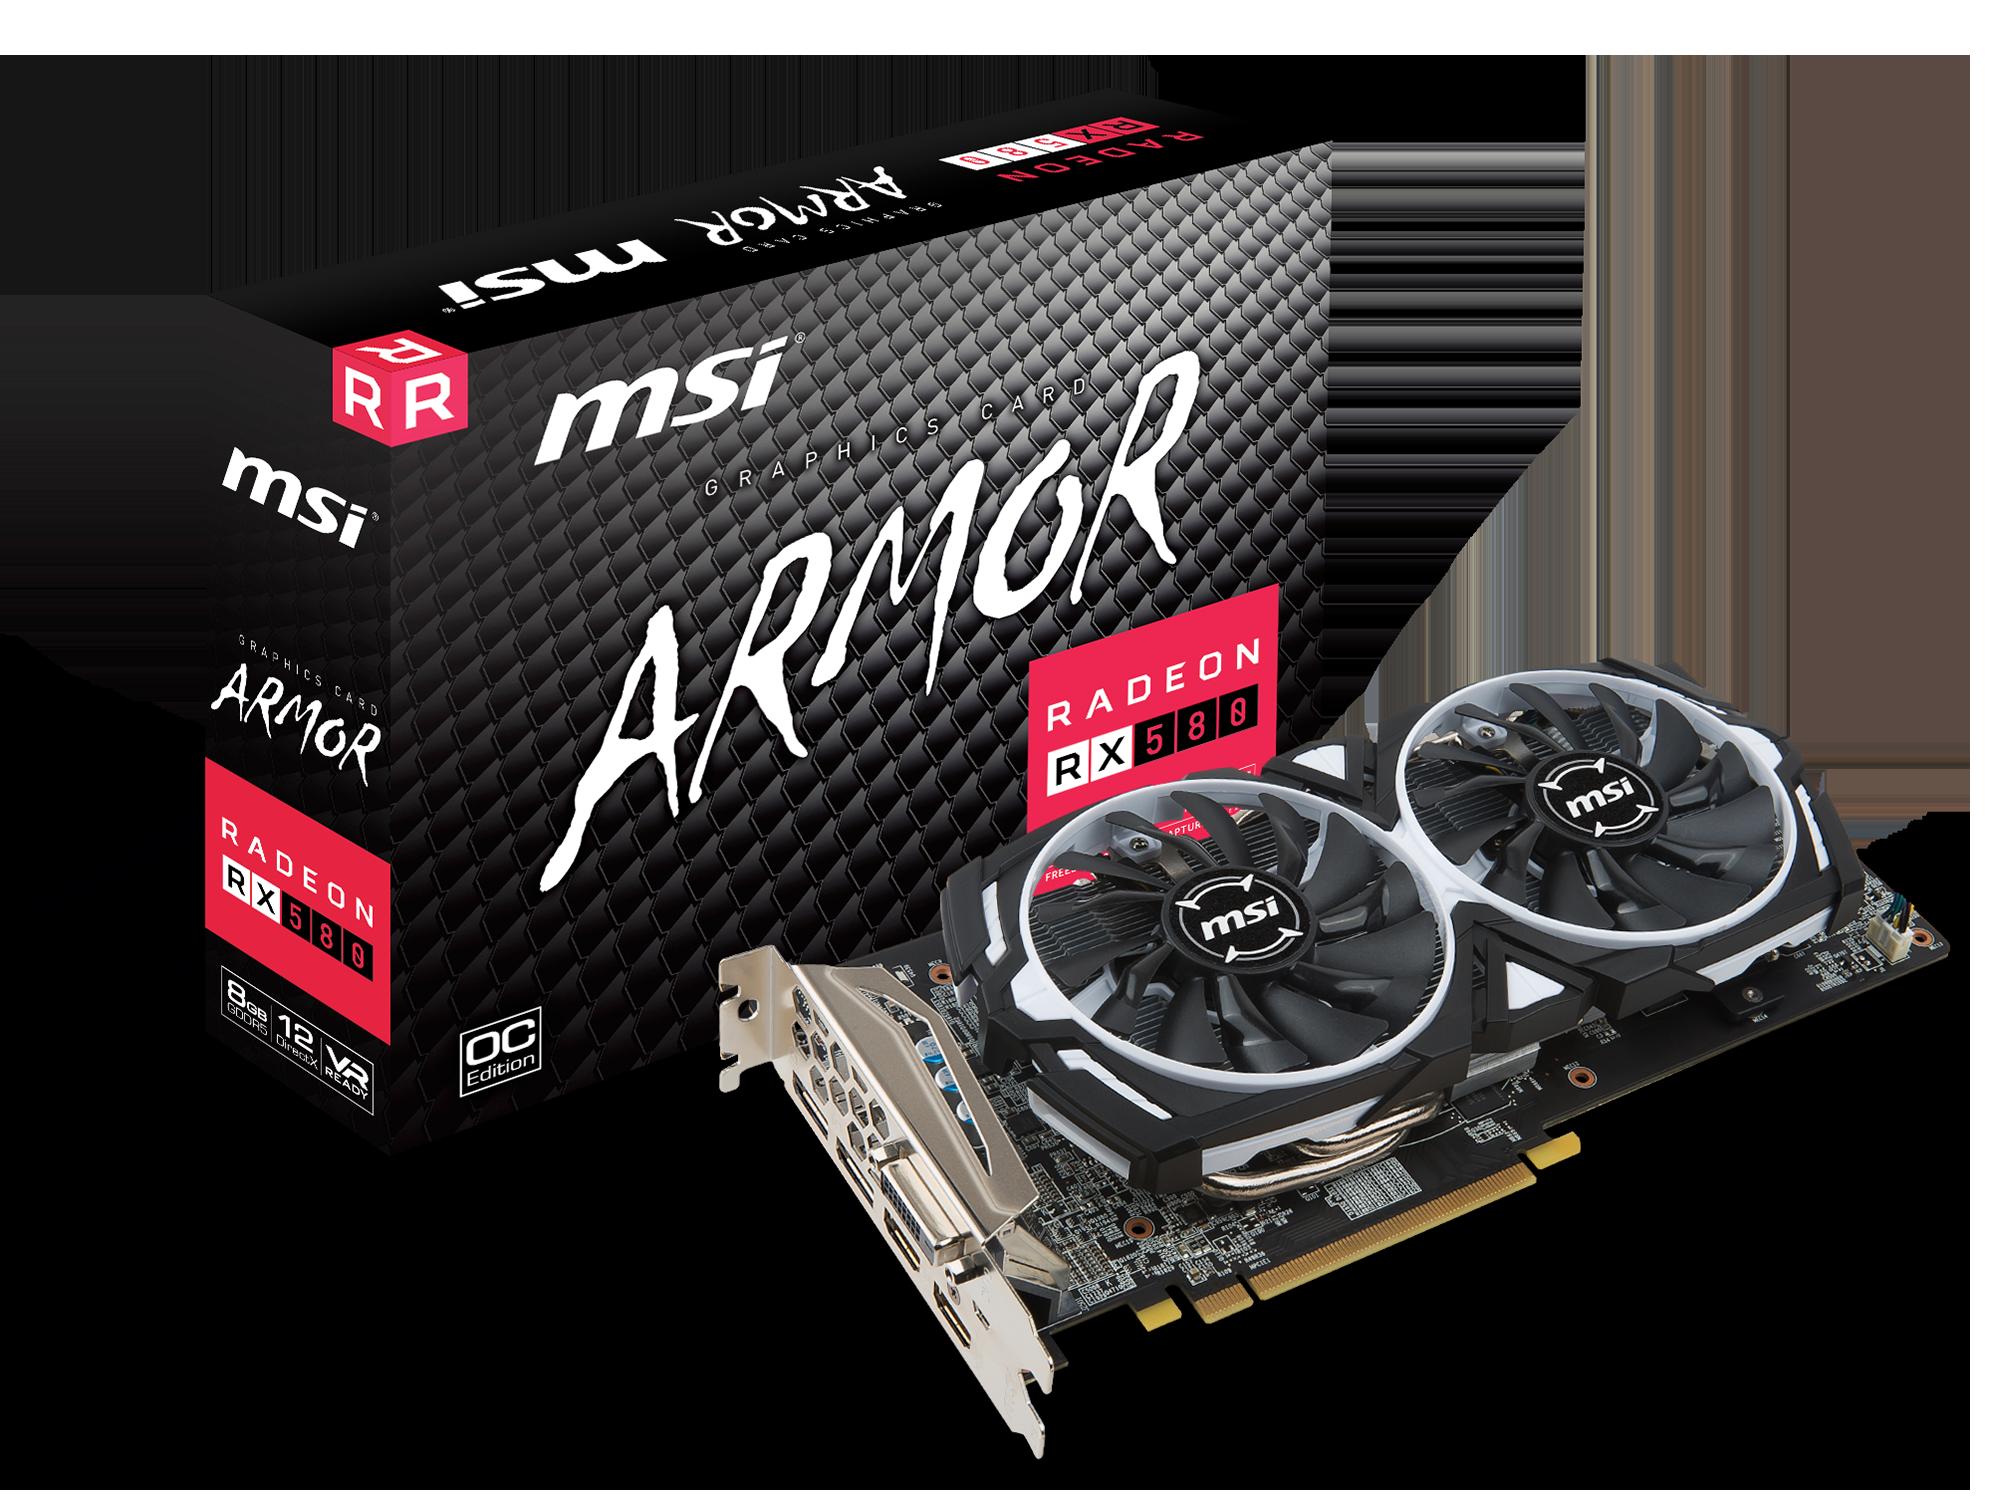 MSI RX 580 ARMOR 8G OC - Grafikkarten